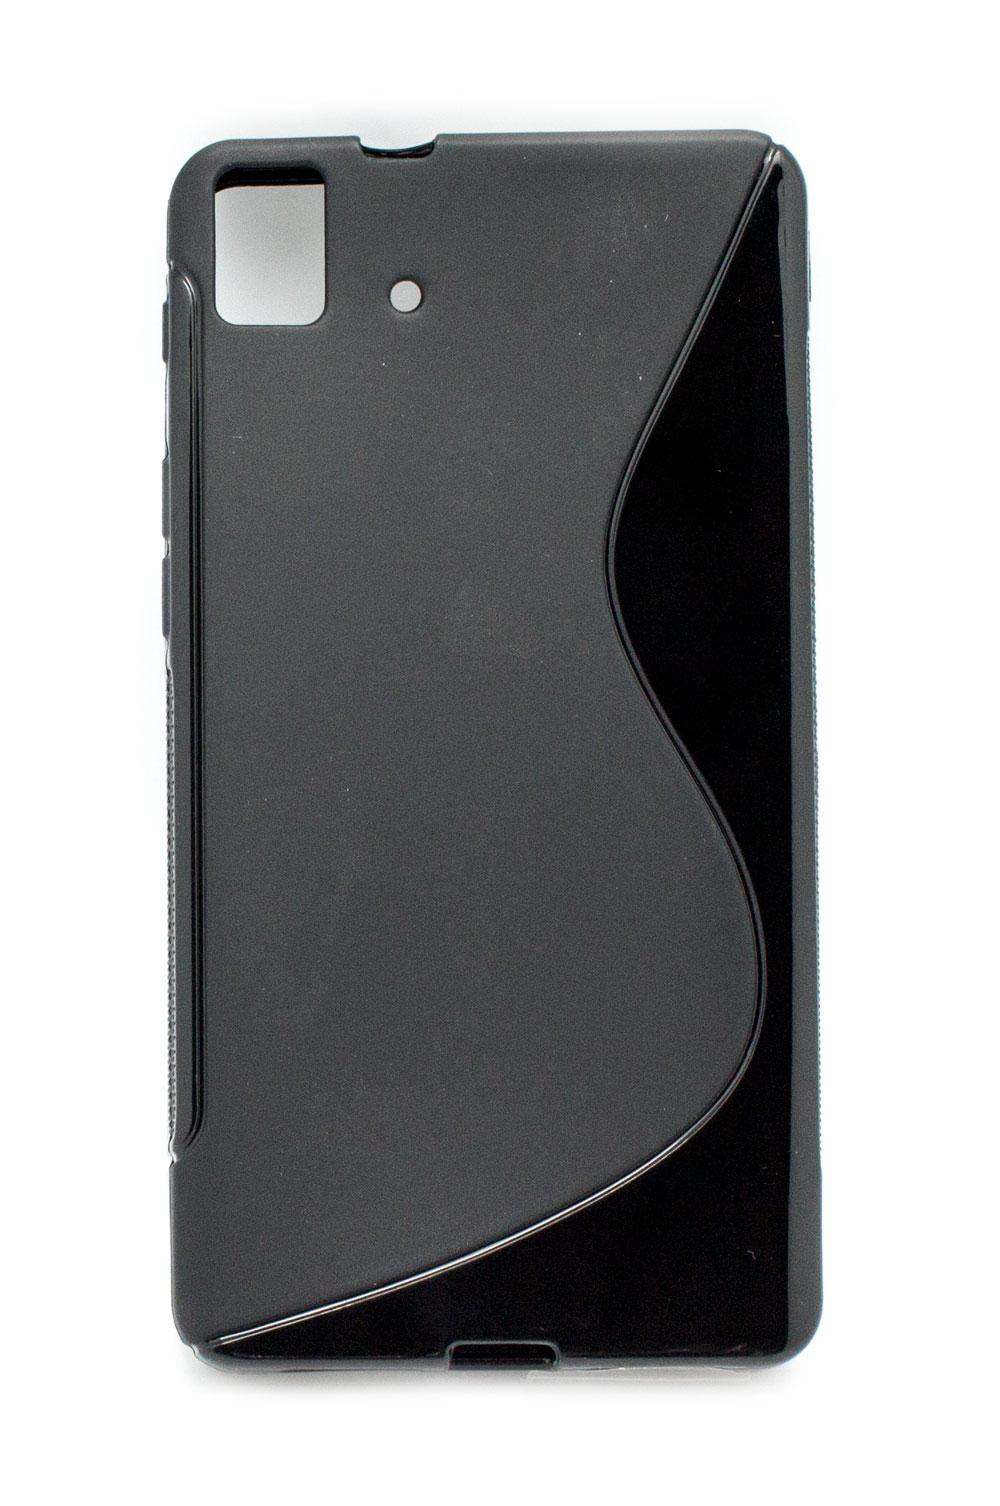 Funda silicona smartphone bq aquaris e4 5 negra repuestos m viles repuestos bq - Fundas aquaris 4 5 ...